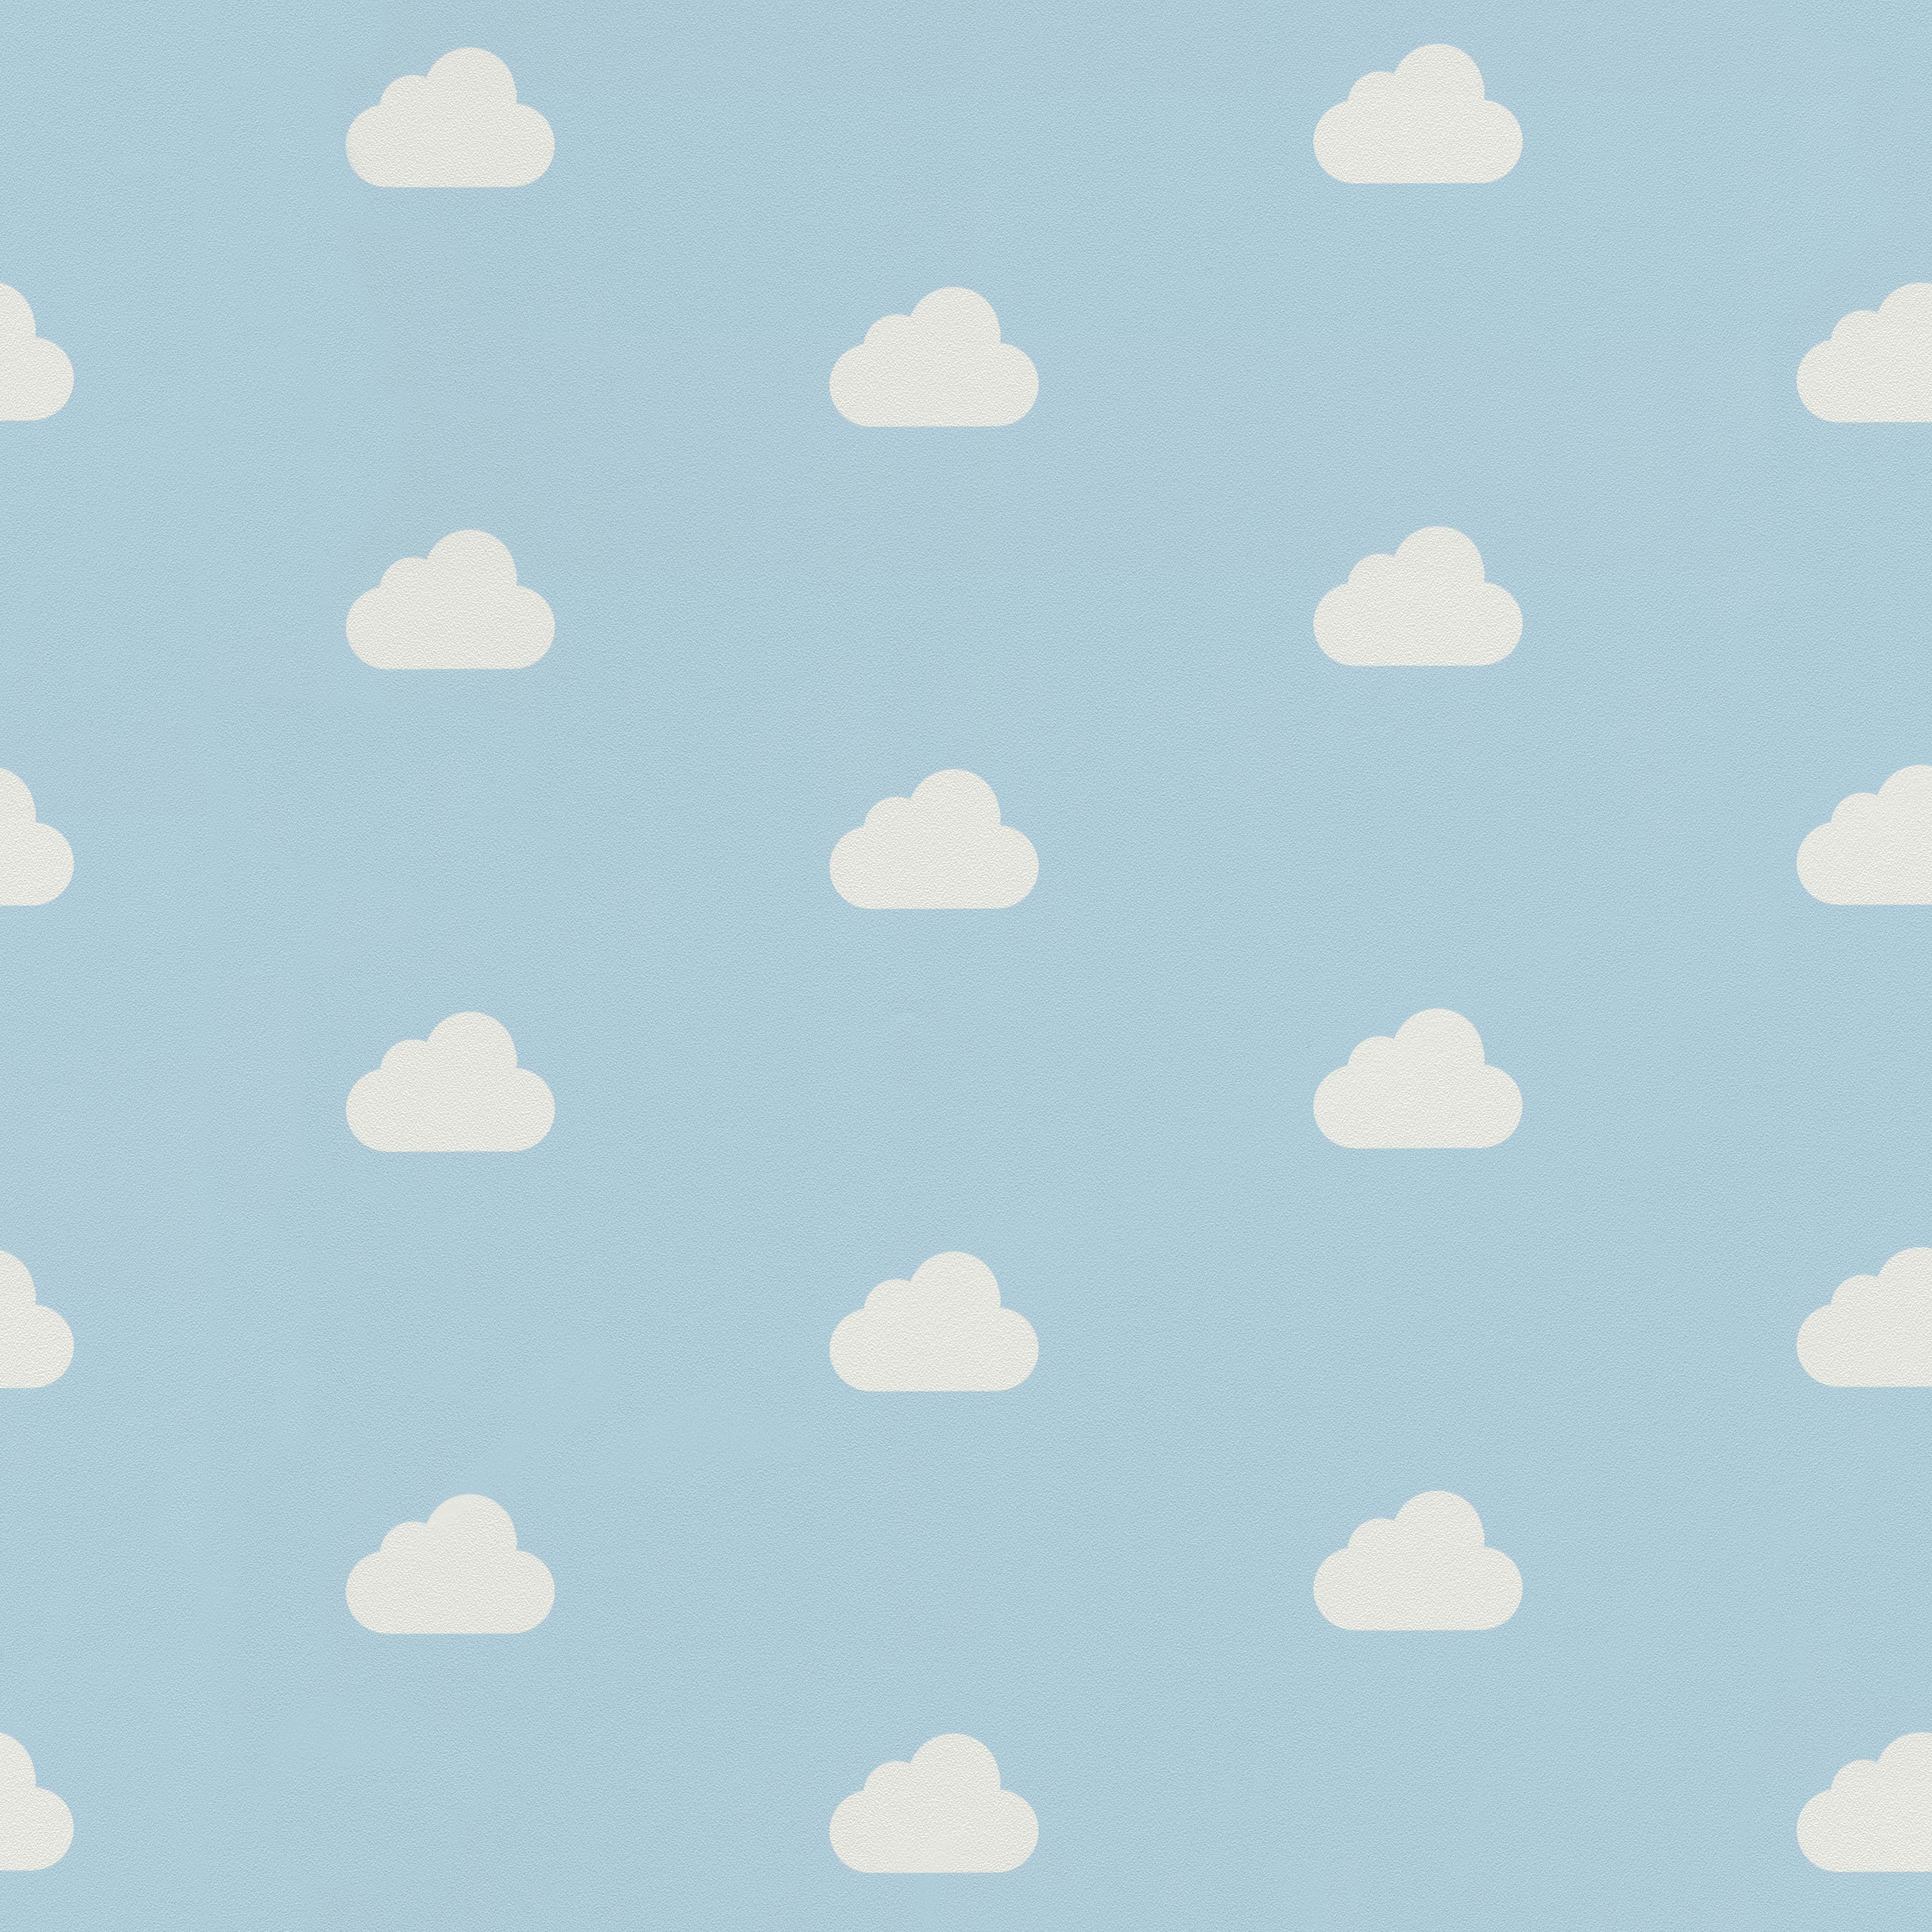 Kék alapon felhő mintás gyerek tapéta